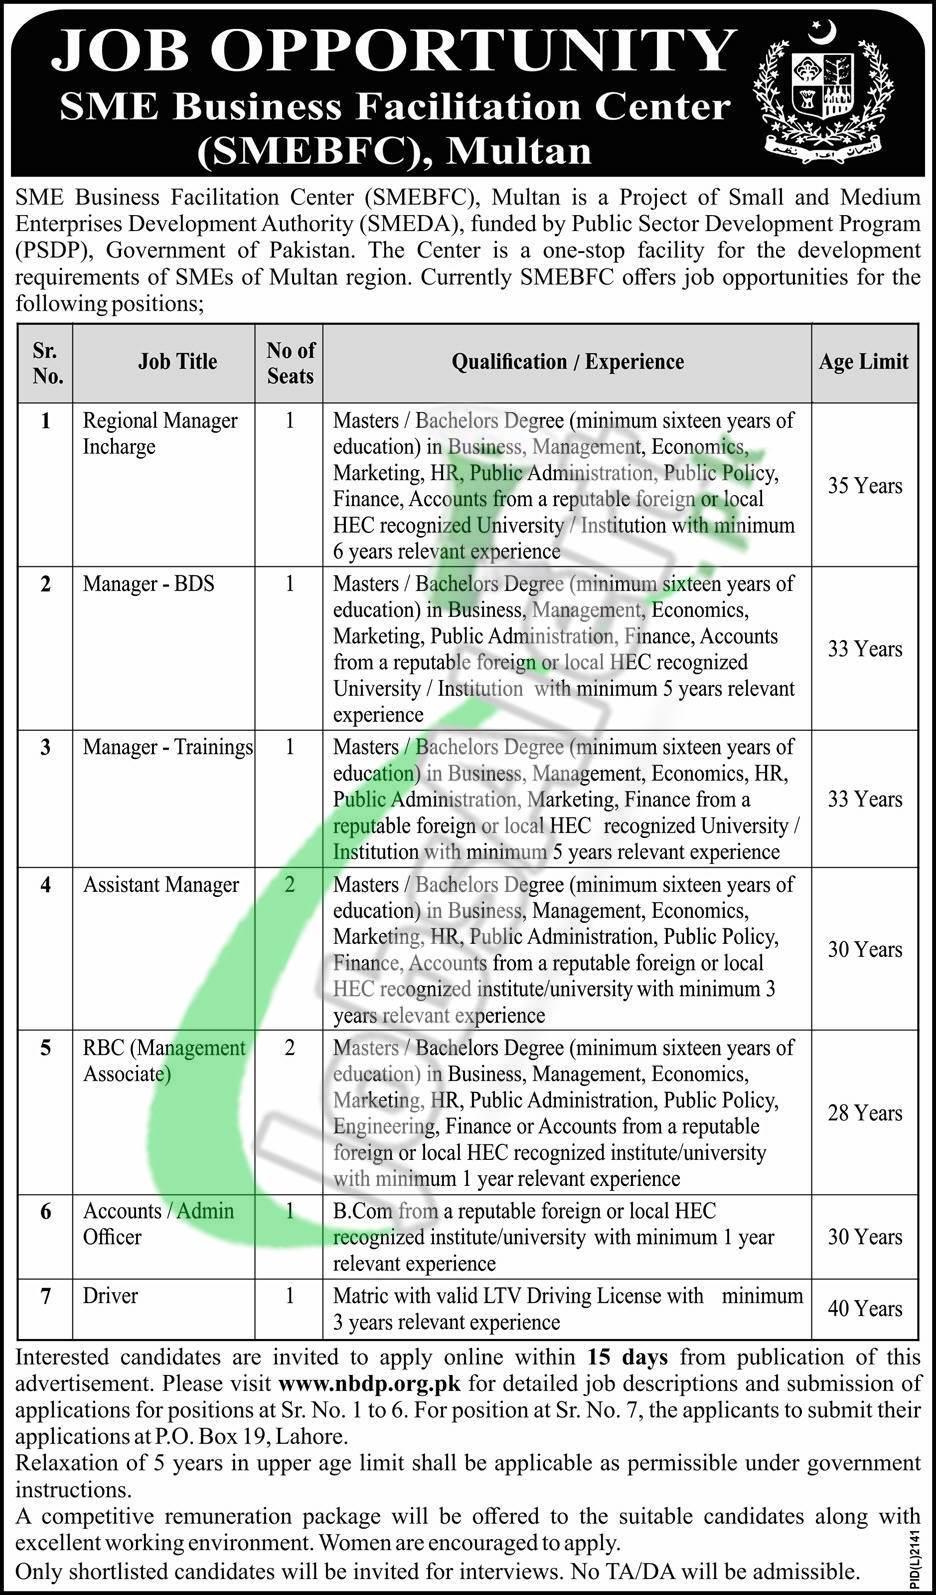 Job Opportunity SME Business Facilitation Center (SMEBFC), Multan